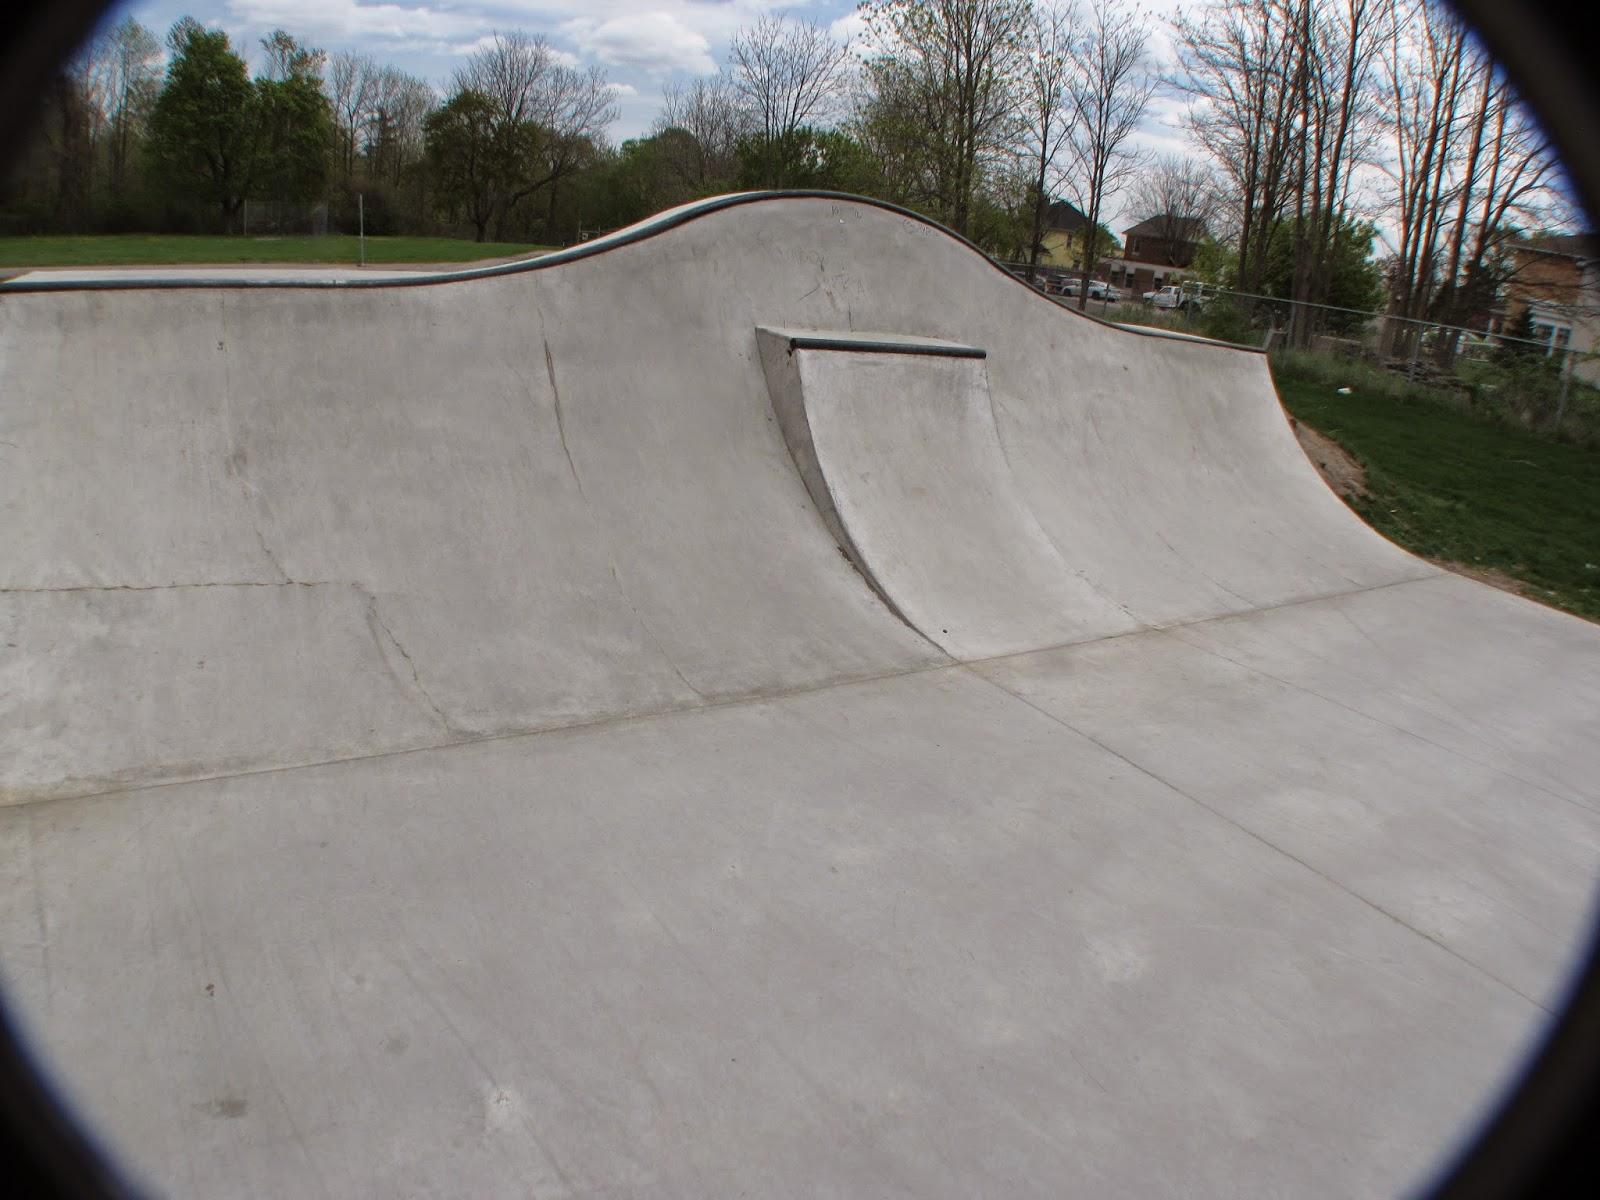 Spott Dreams of Skate Parks: Sutton, ON